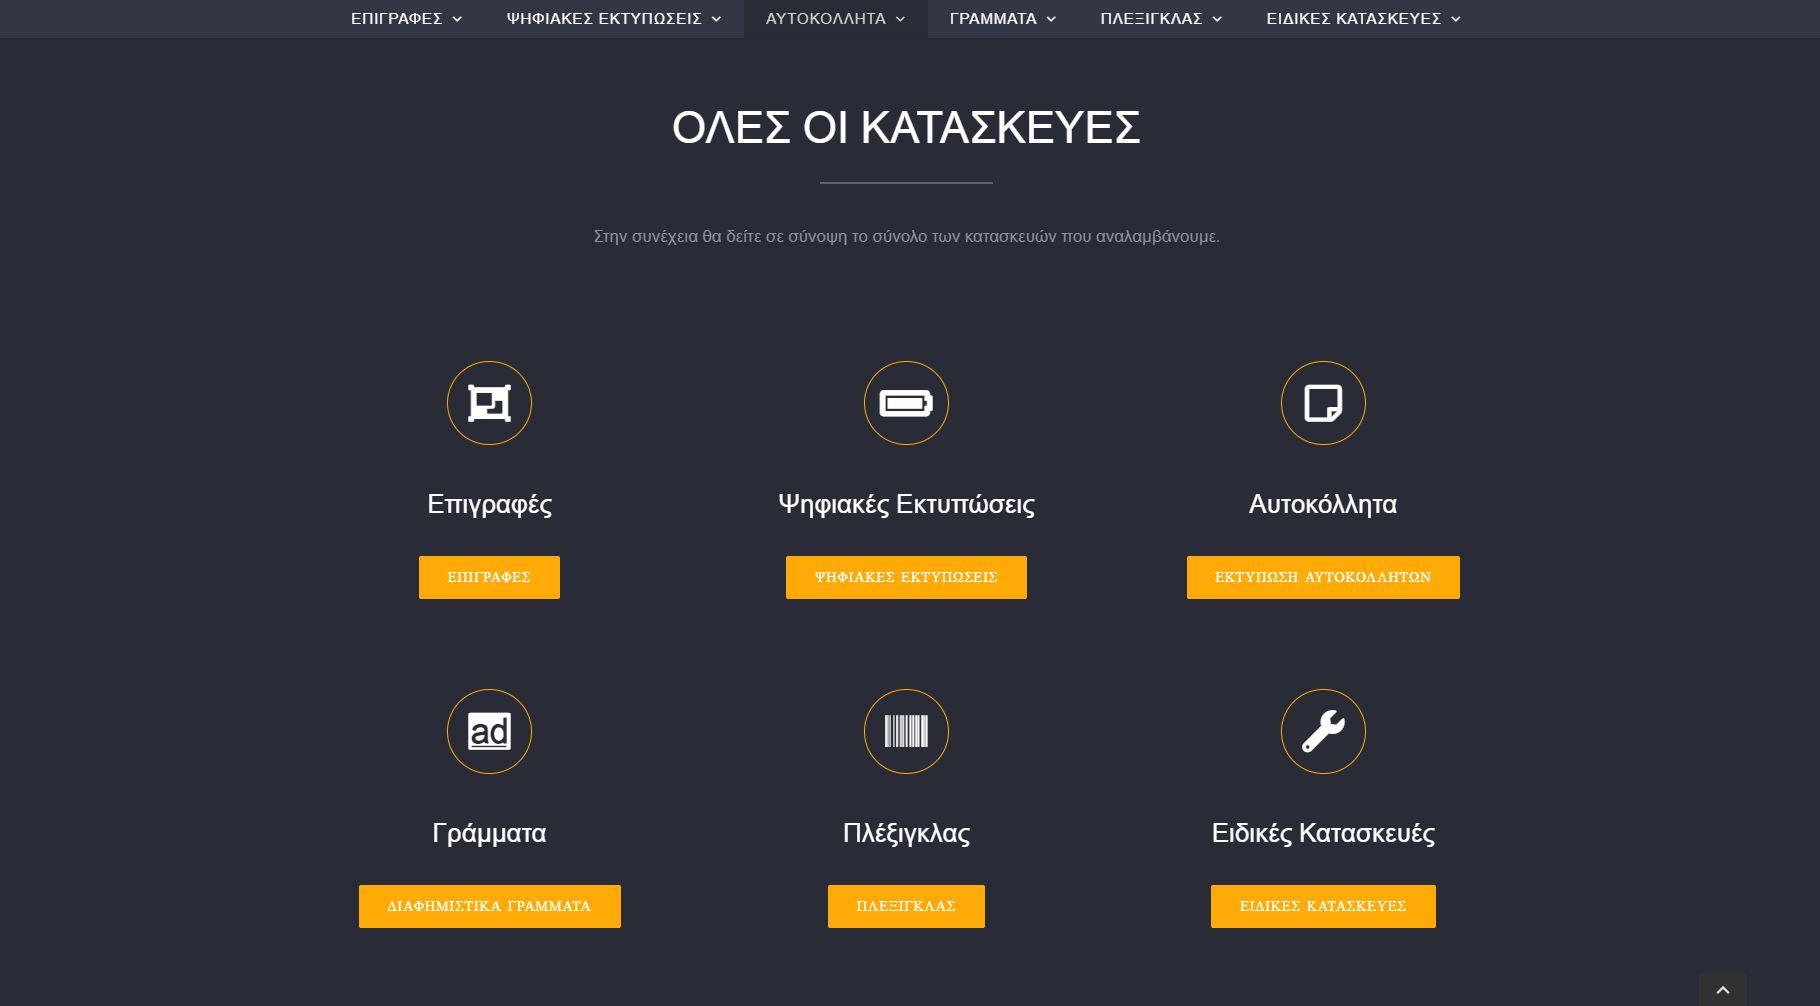 Κατασκευή ιστοσελίδας wordpress για την εταιρεία LSsigns : Αποψη από την homepage